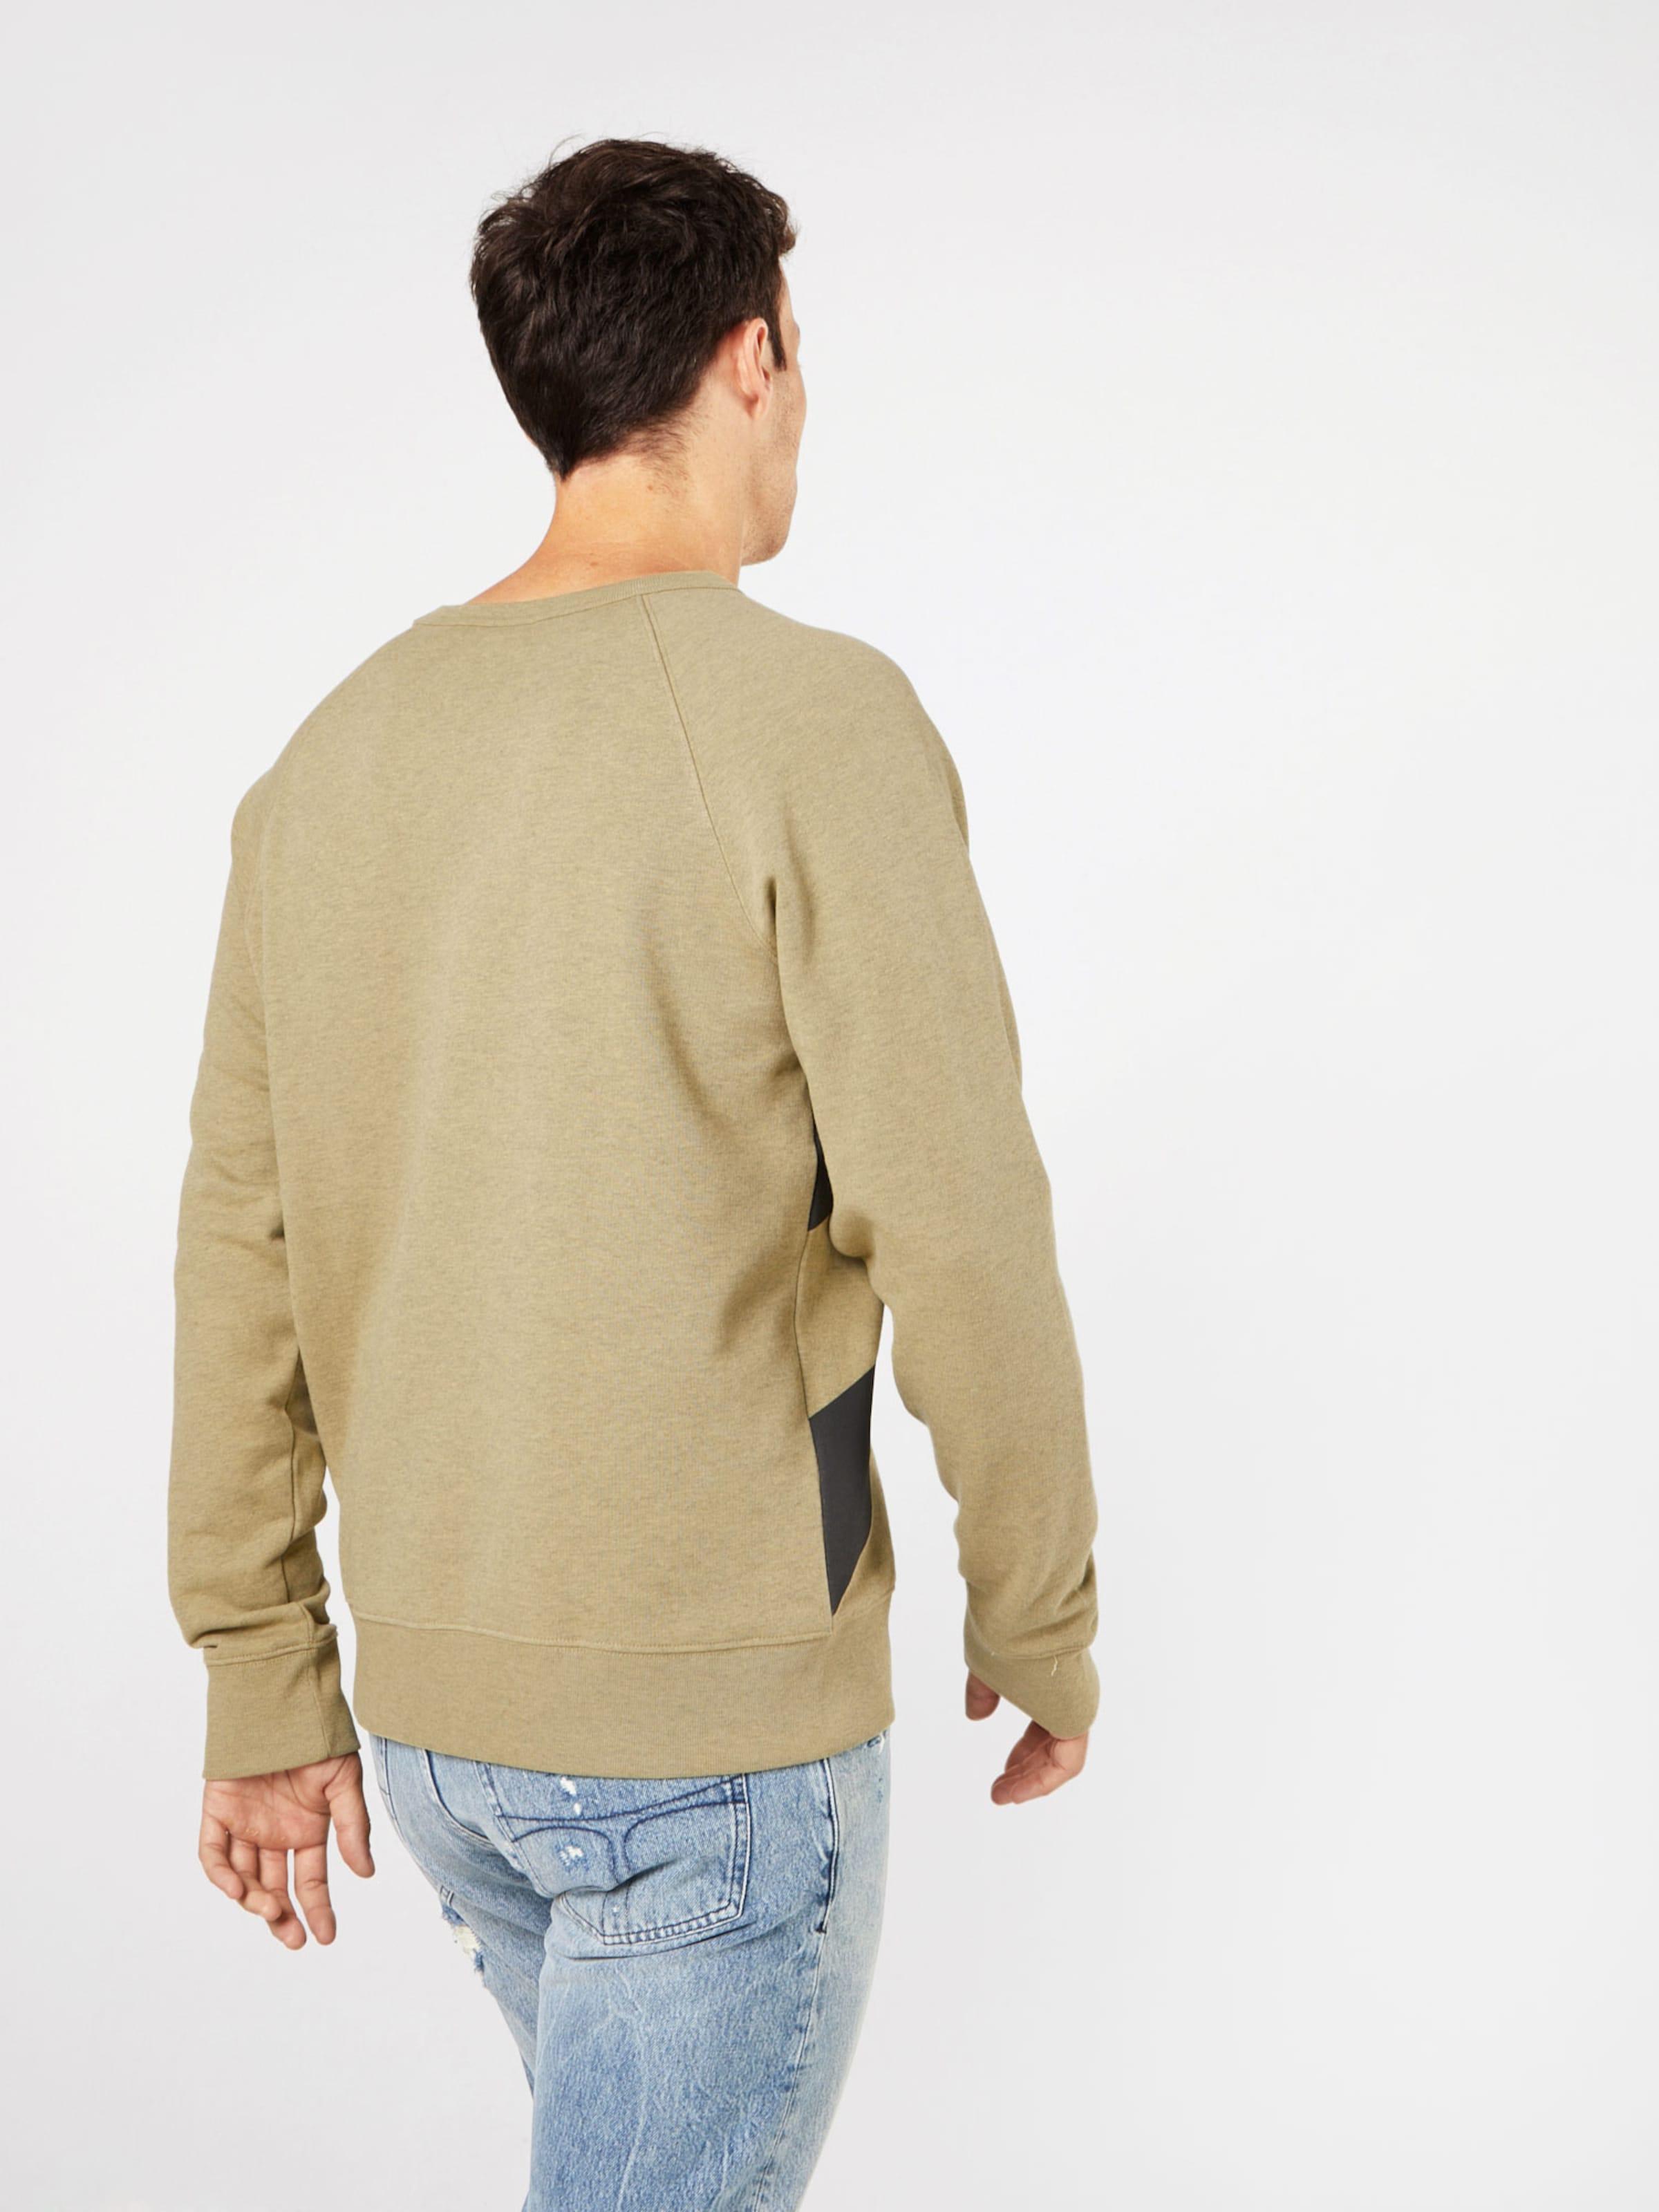 CHEAP MONDAY Sweatshirt 'Rules' Billig Und Schön Niedrigsten Preis Online Auslass Perfekt Auslass 100% Garantiert Spielraum Bilder WLmLX